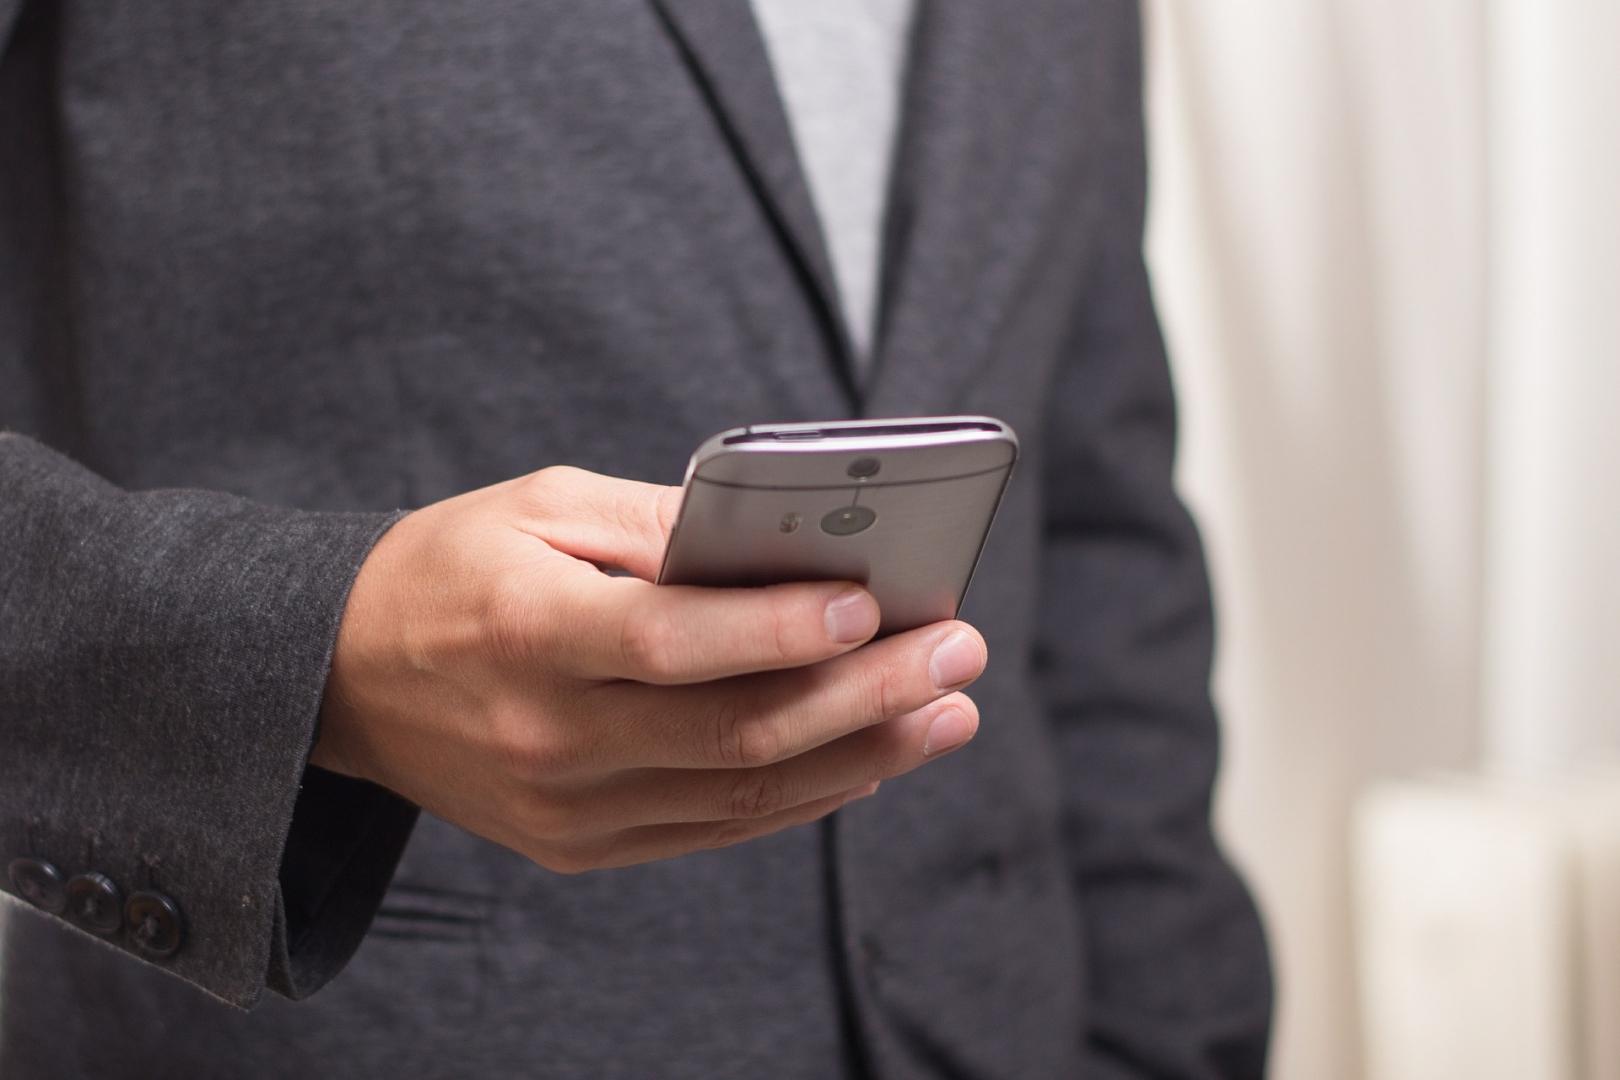 Мобильный телефон в руках. (cc) niekverlaan - ИА REGNUM